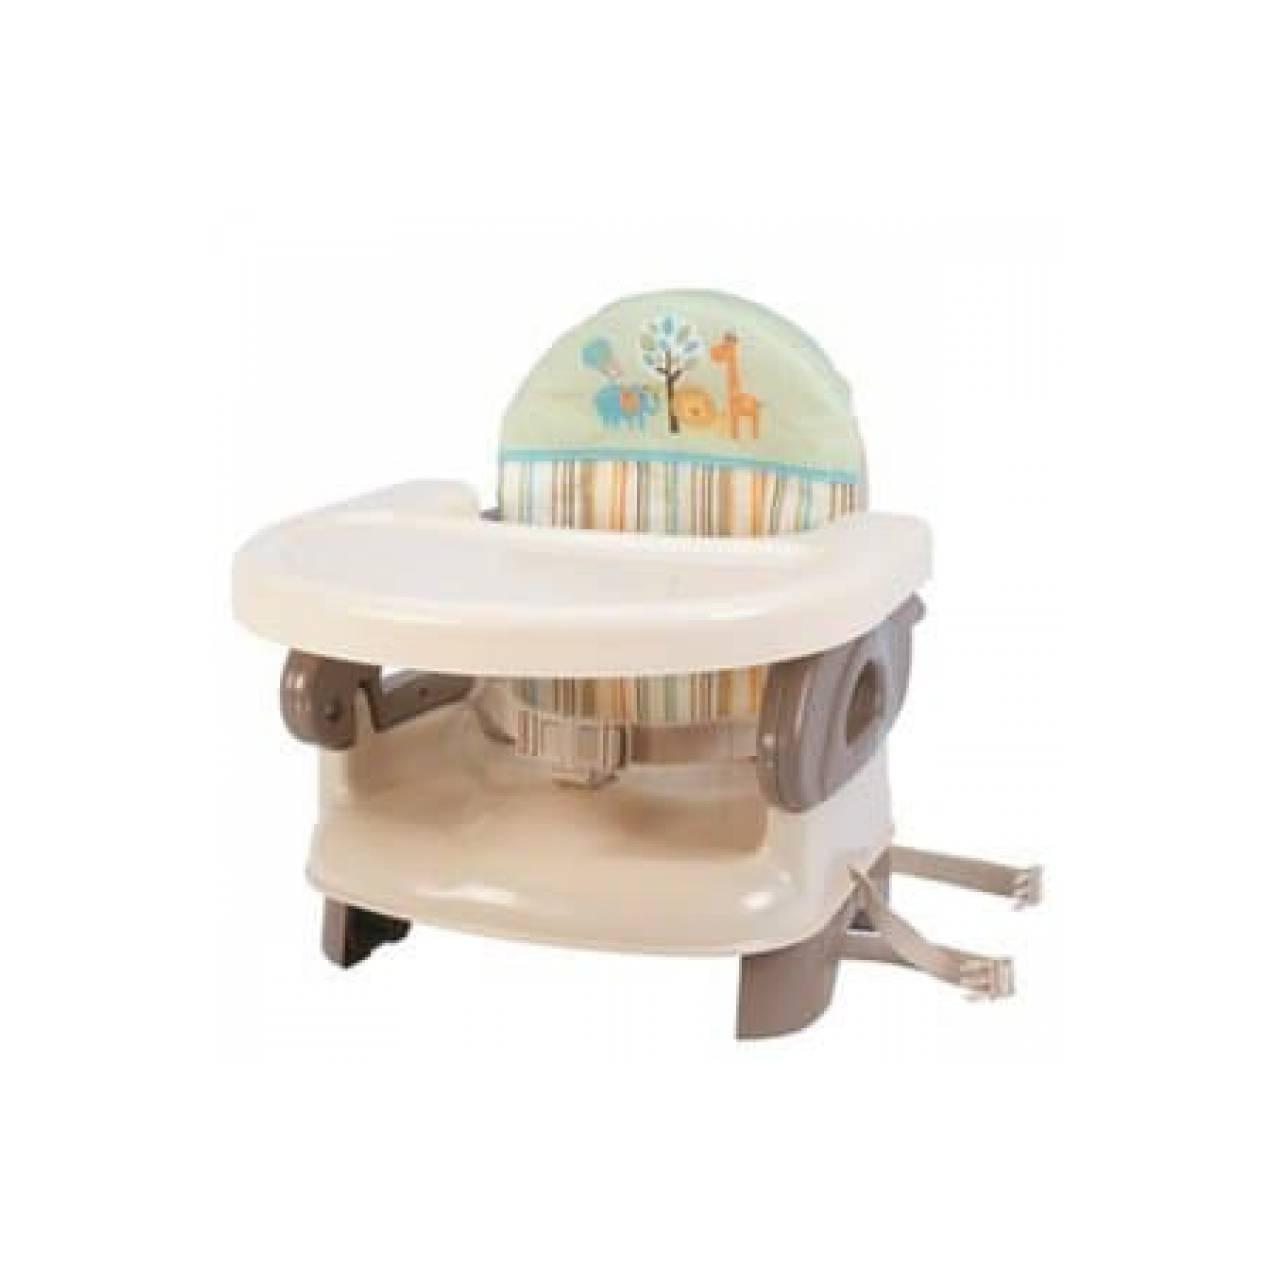 Kursi Tempat Duduk Dudukan Belajar Makan Bayi Anak Lipa Diskon